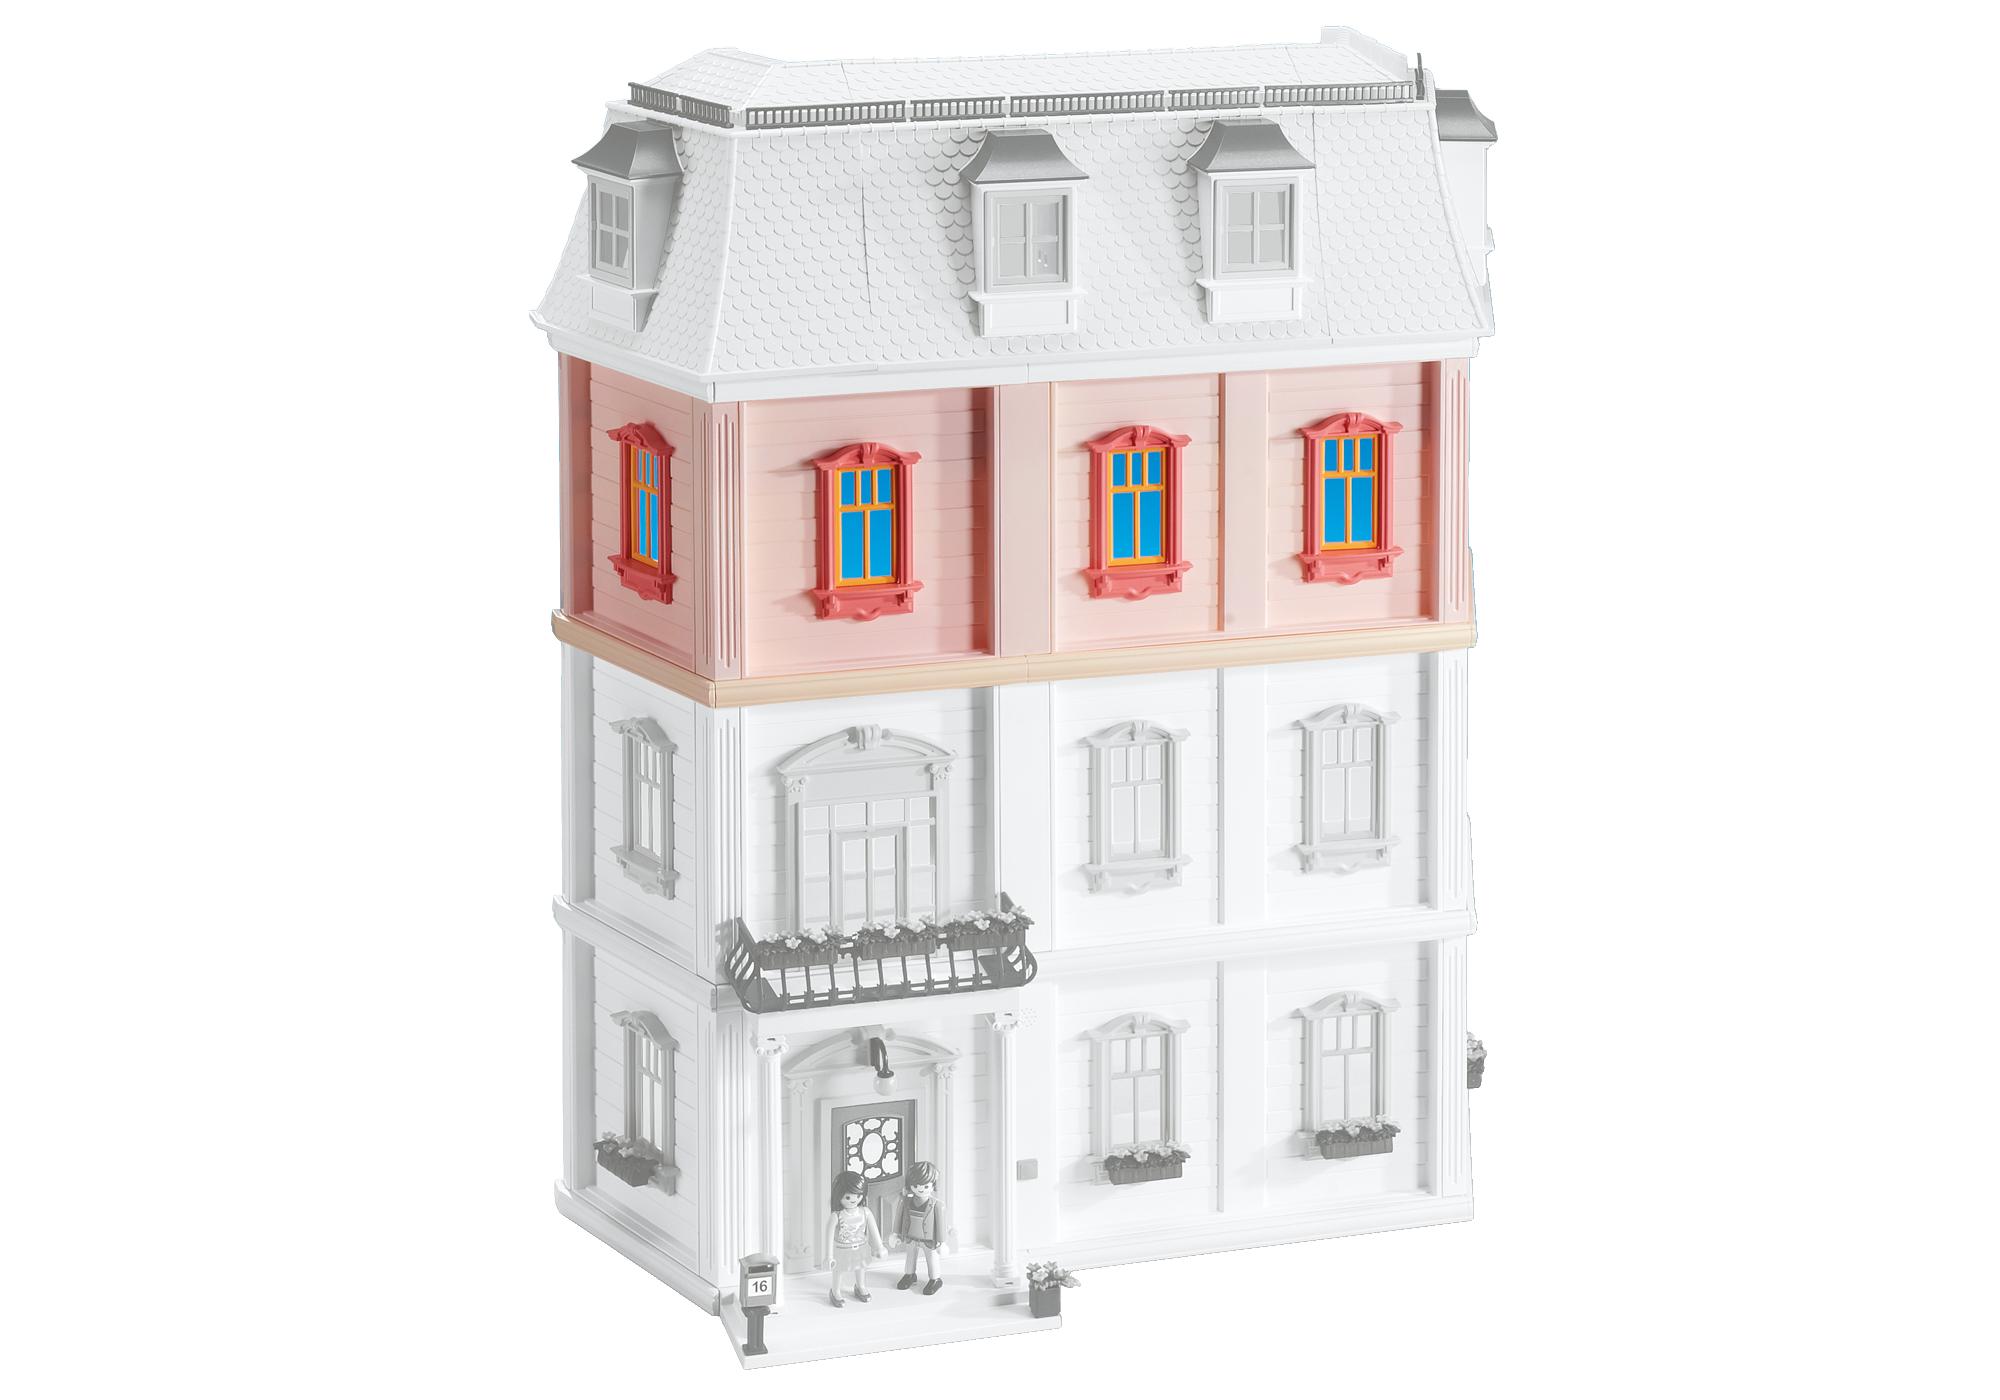 Casa delle bambole estensione b playmobil italia